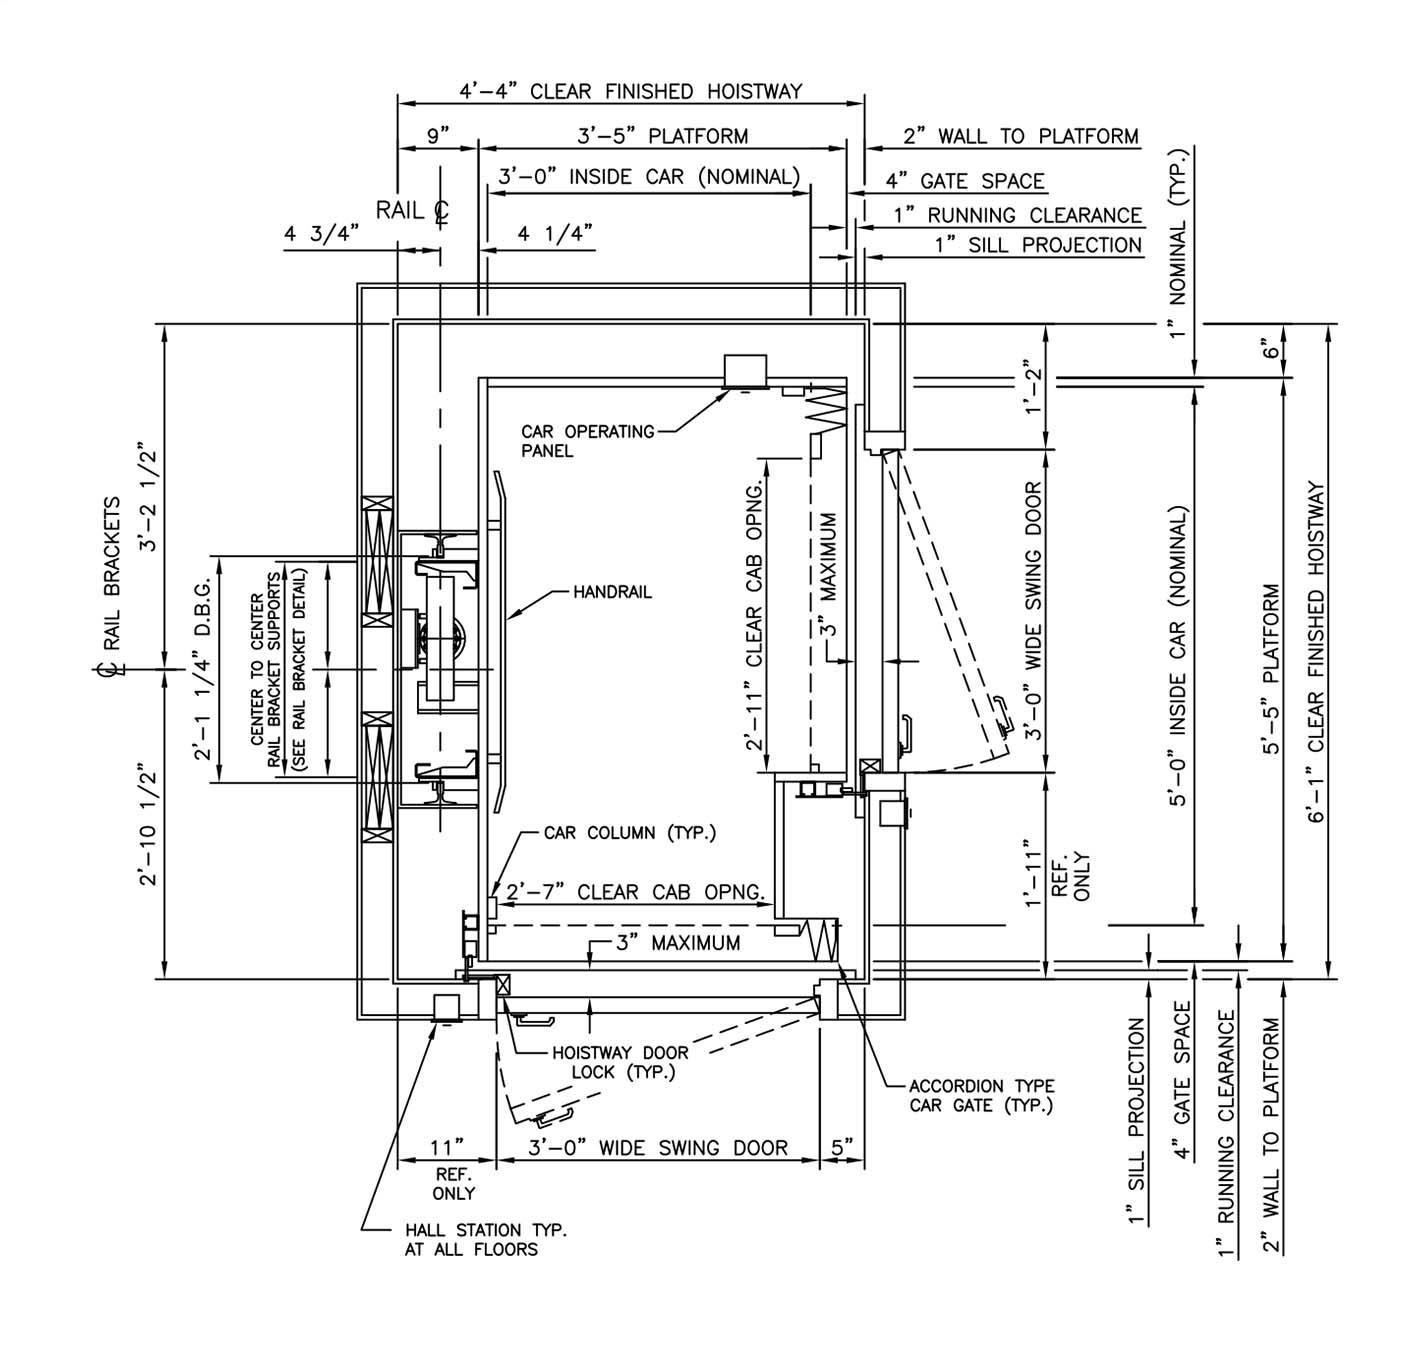 Hydraulic Drawings